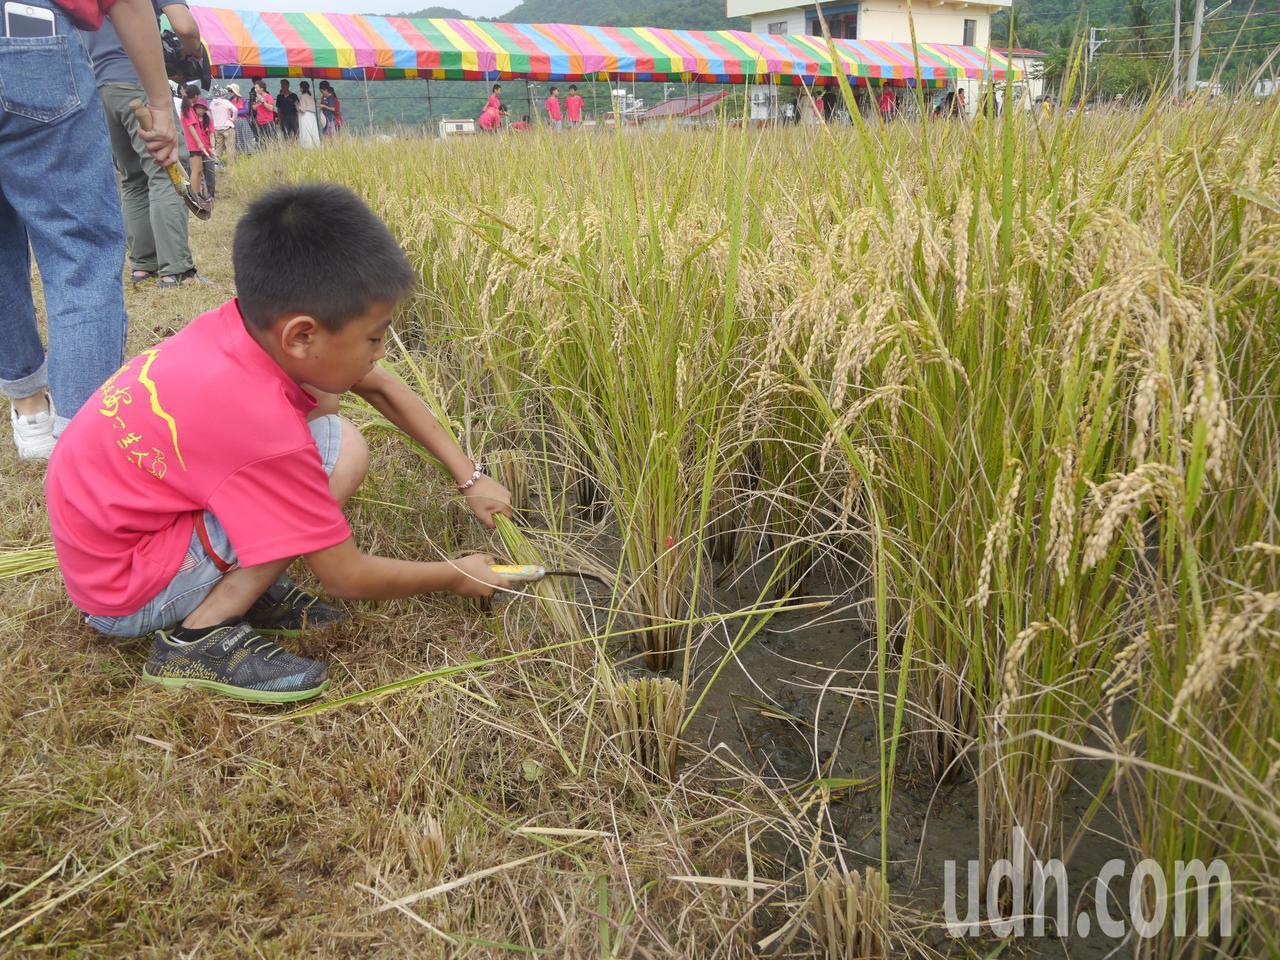 美濃福安國小種植4分農地稻作,學童學習用鐮刀收割稻米。記者徐白櫻/攝影